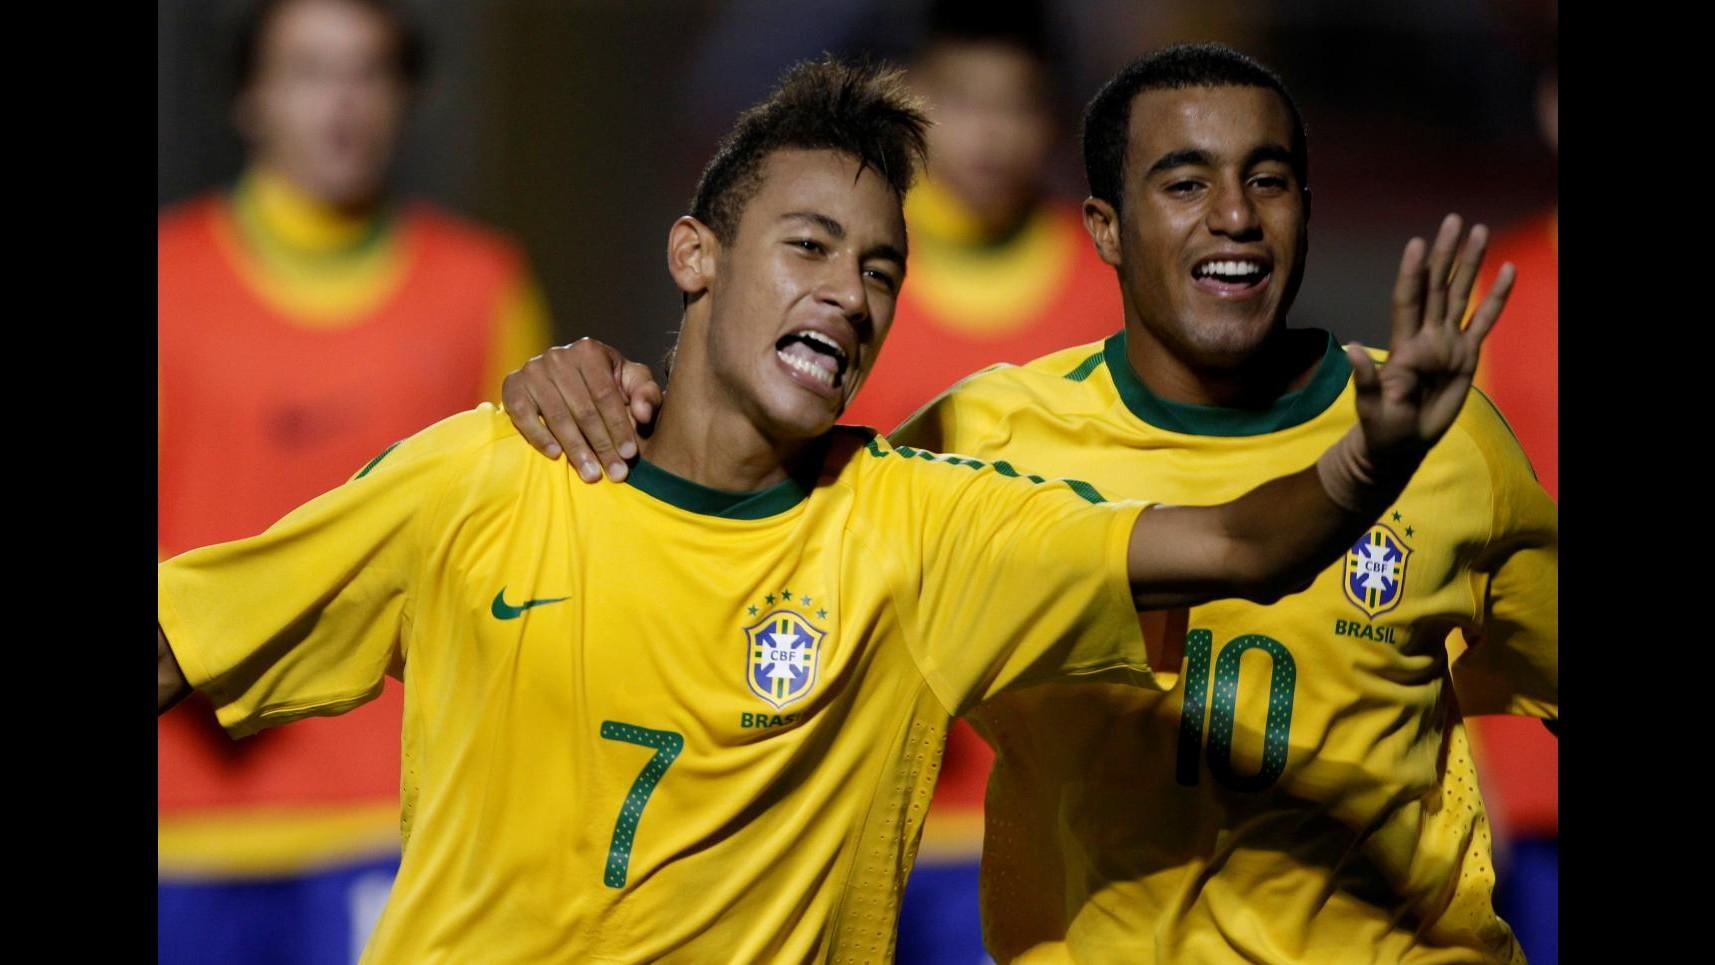 Calciomercato, Neymar al Real Madrid, Rossi vuole il Barça